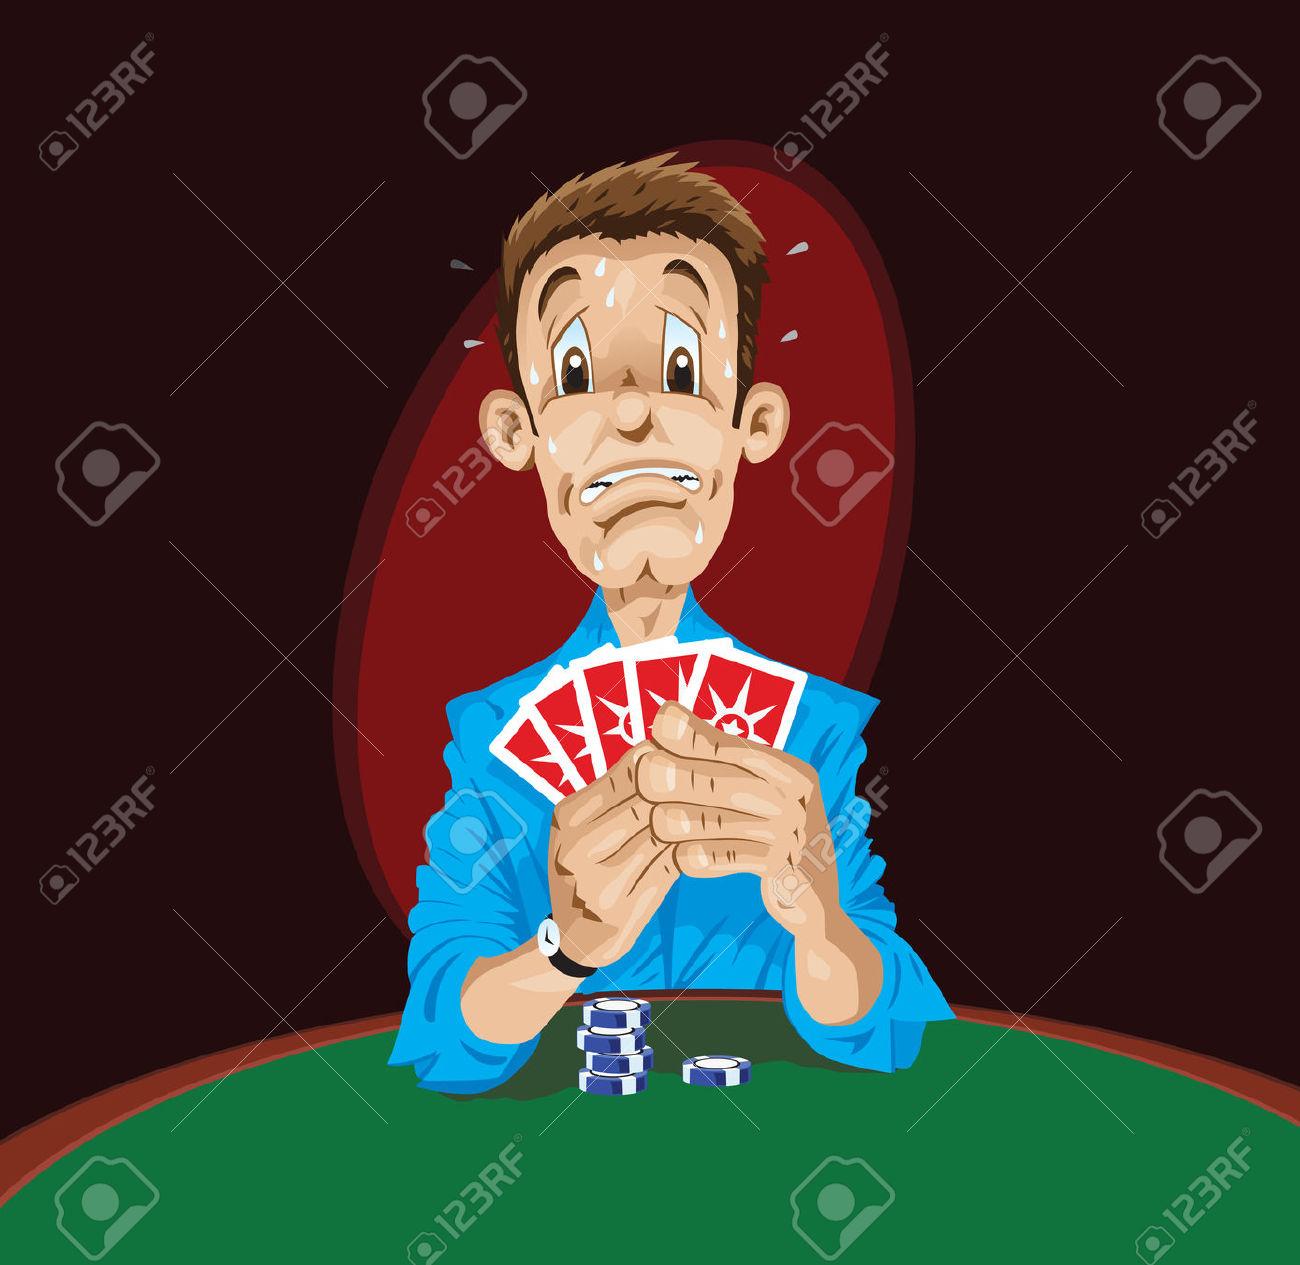 Casino en ligne : cela peut comporter des risques